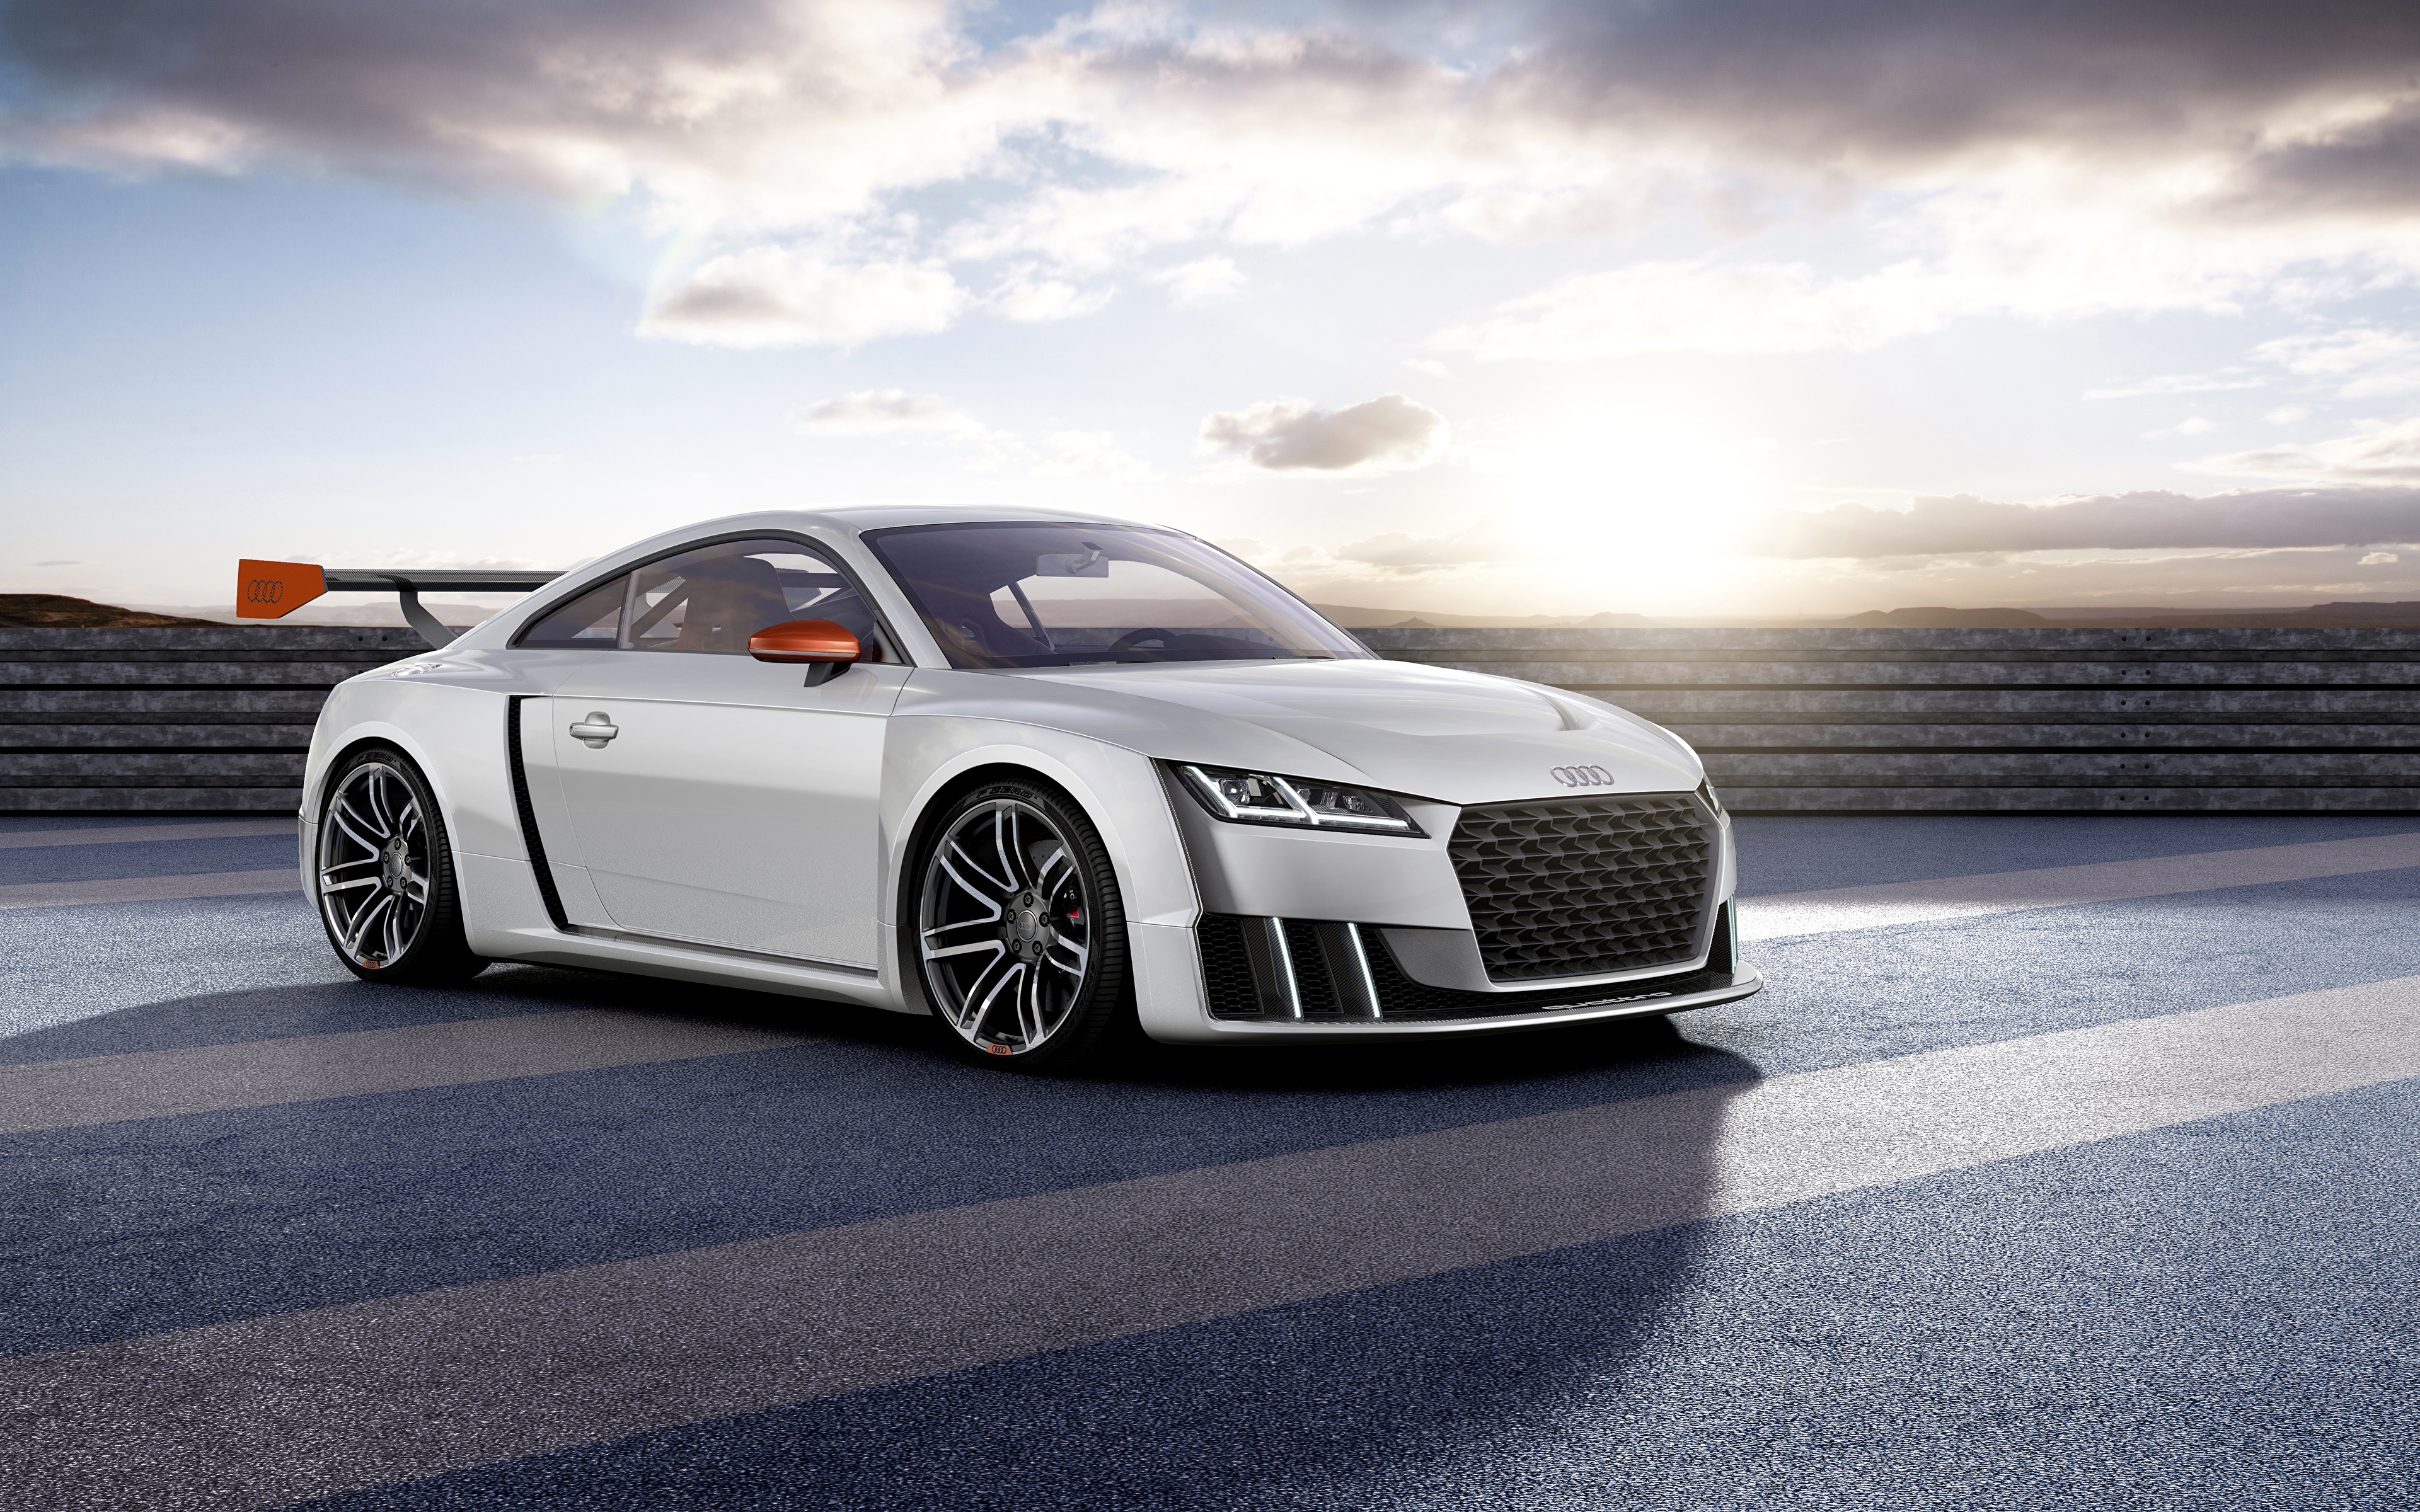 Audi TT спорткар дорога  № 3769090 загрузить